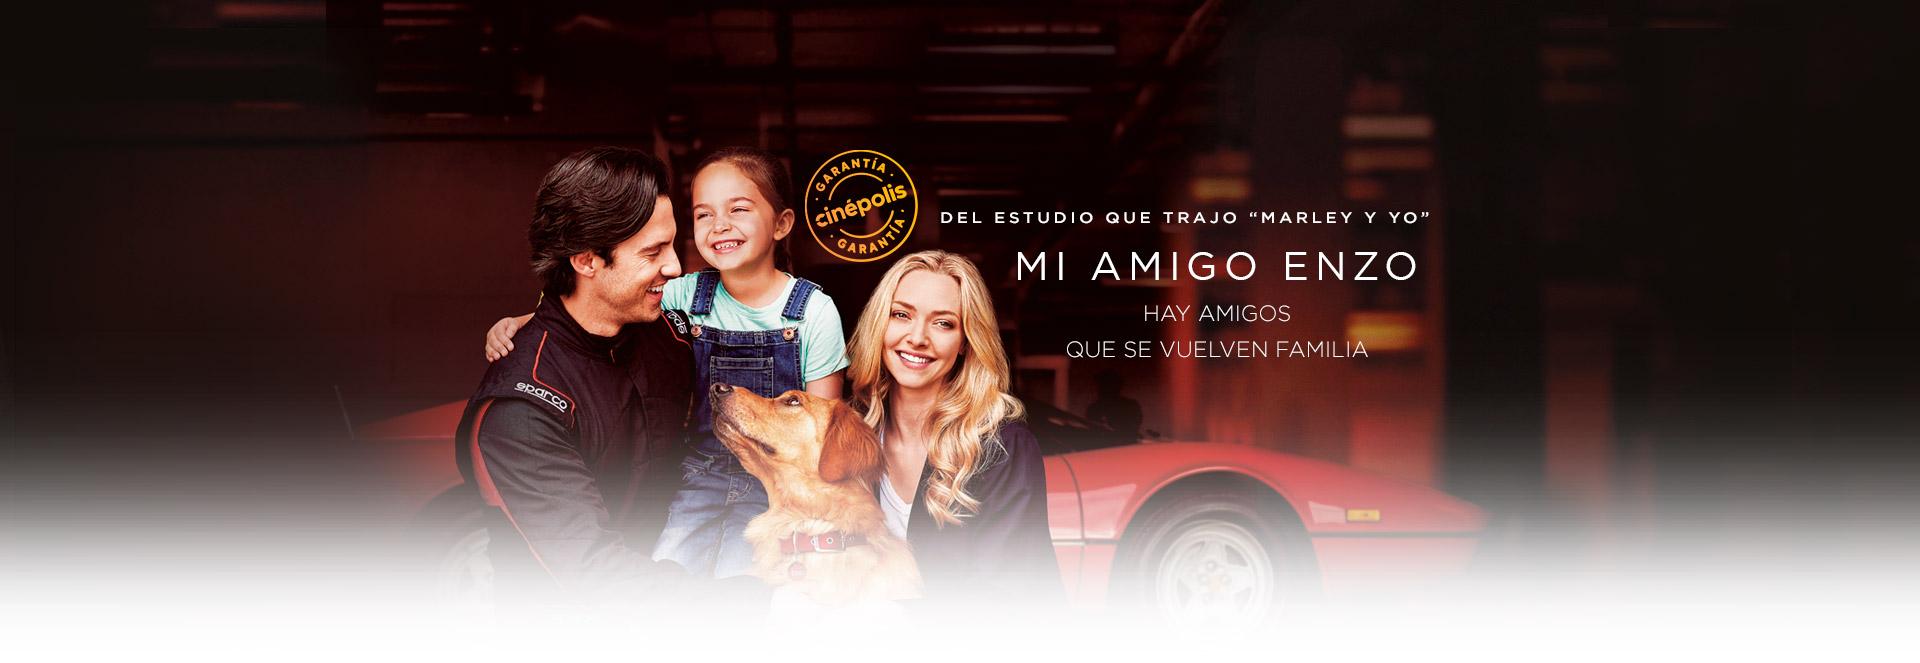 Banner Mi amigo Enzo   Garantía Cinépolis